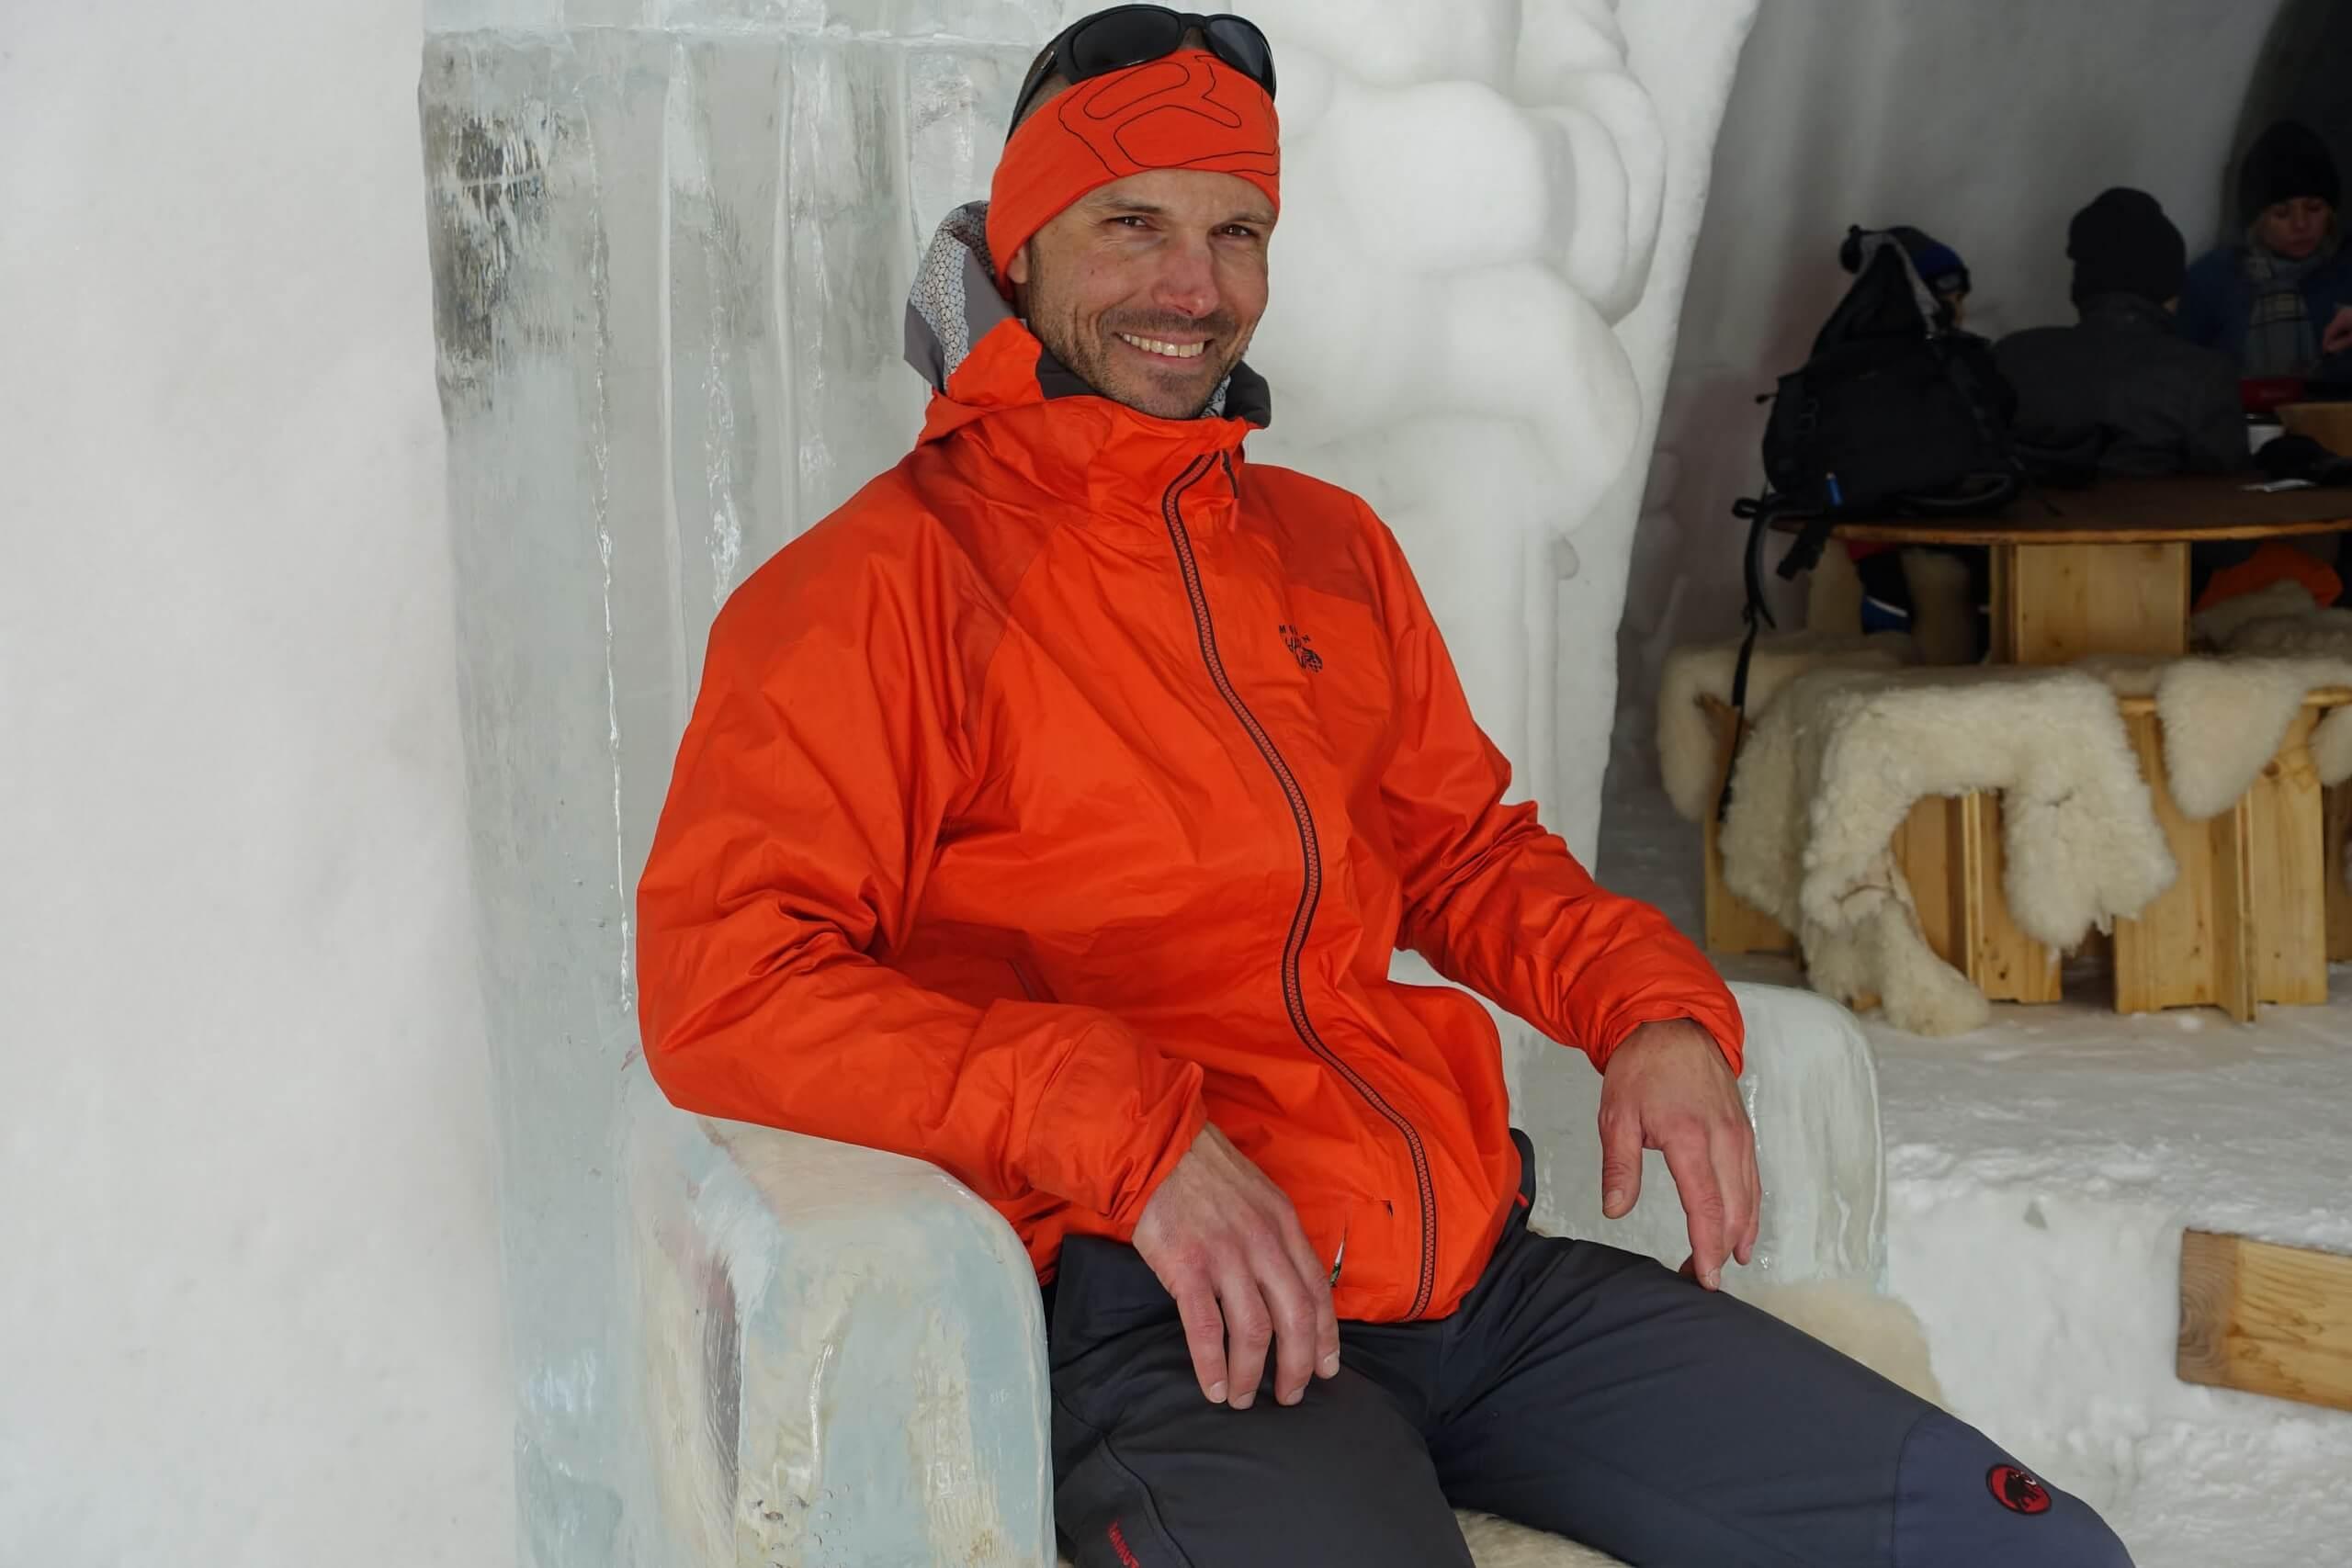 diemtigtal-activetours-schneeschuhtour-winter-schneeschuhwandern